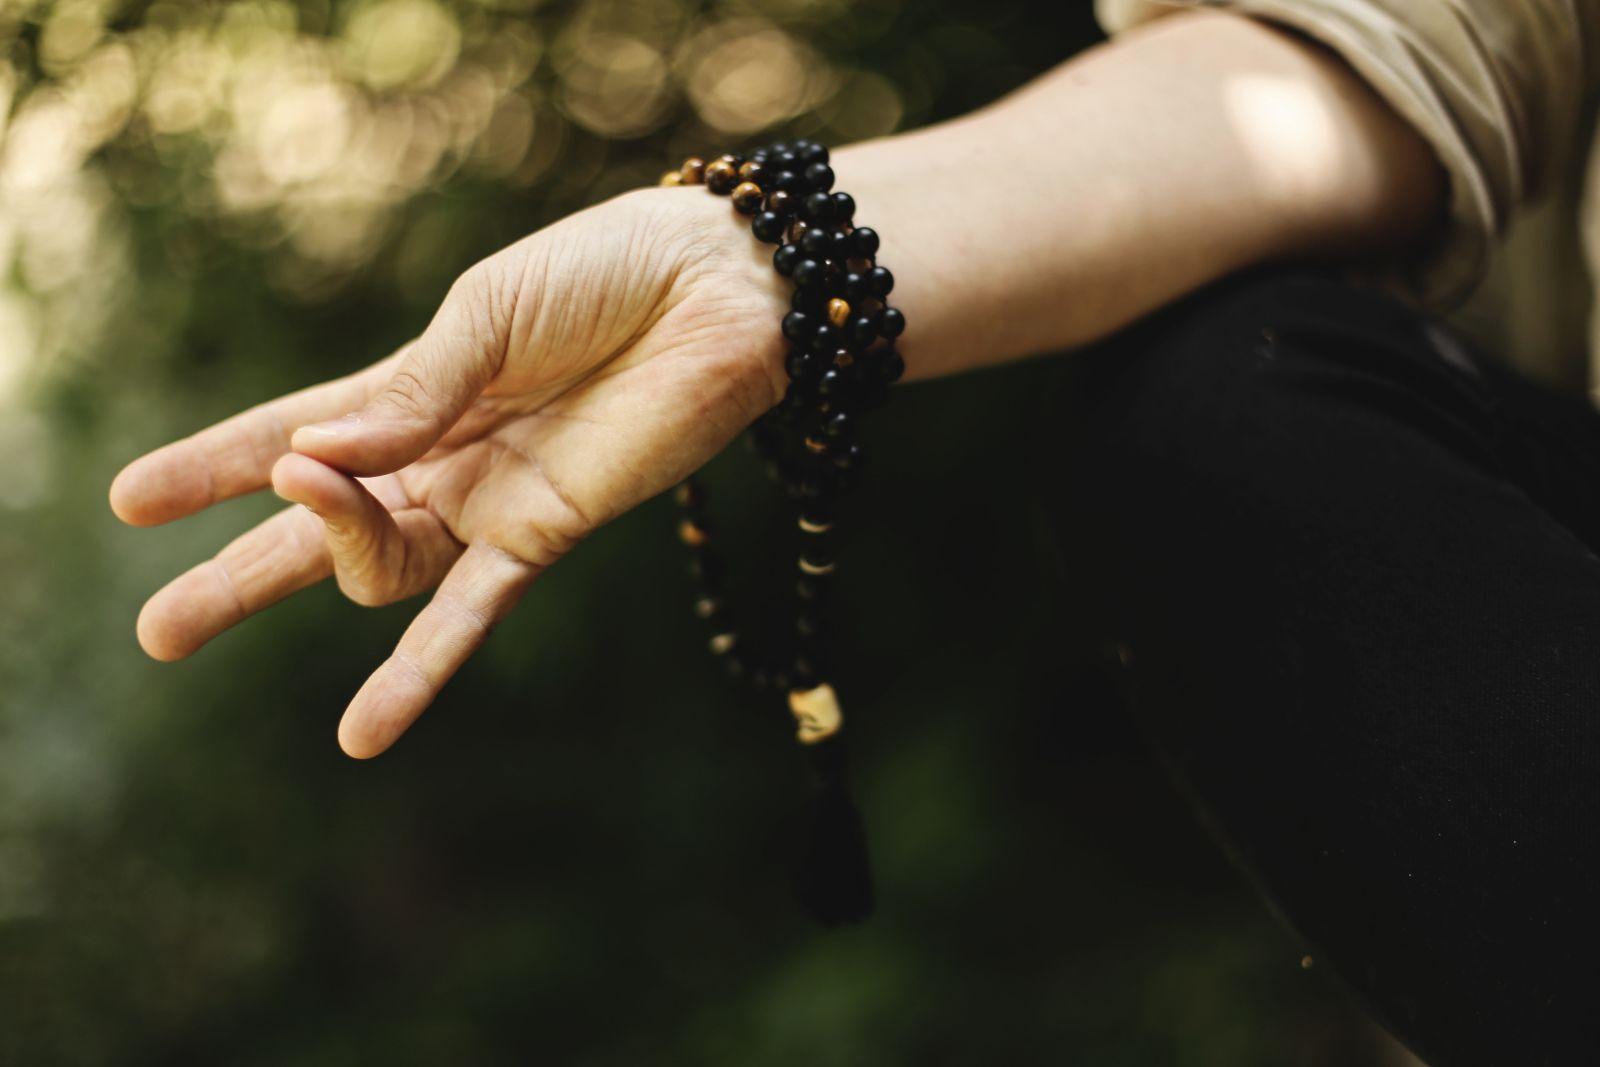 Eine Hand in Mediationsstellung. Daumen und Ringfinger berühren sich, die anderen Finger sind ausgestreckt.